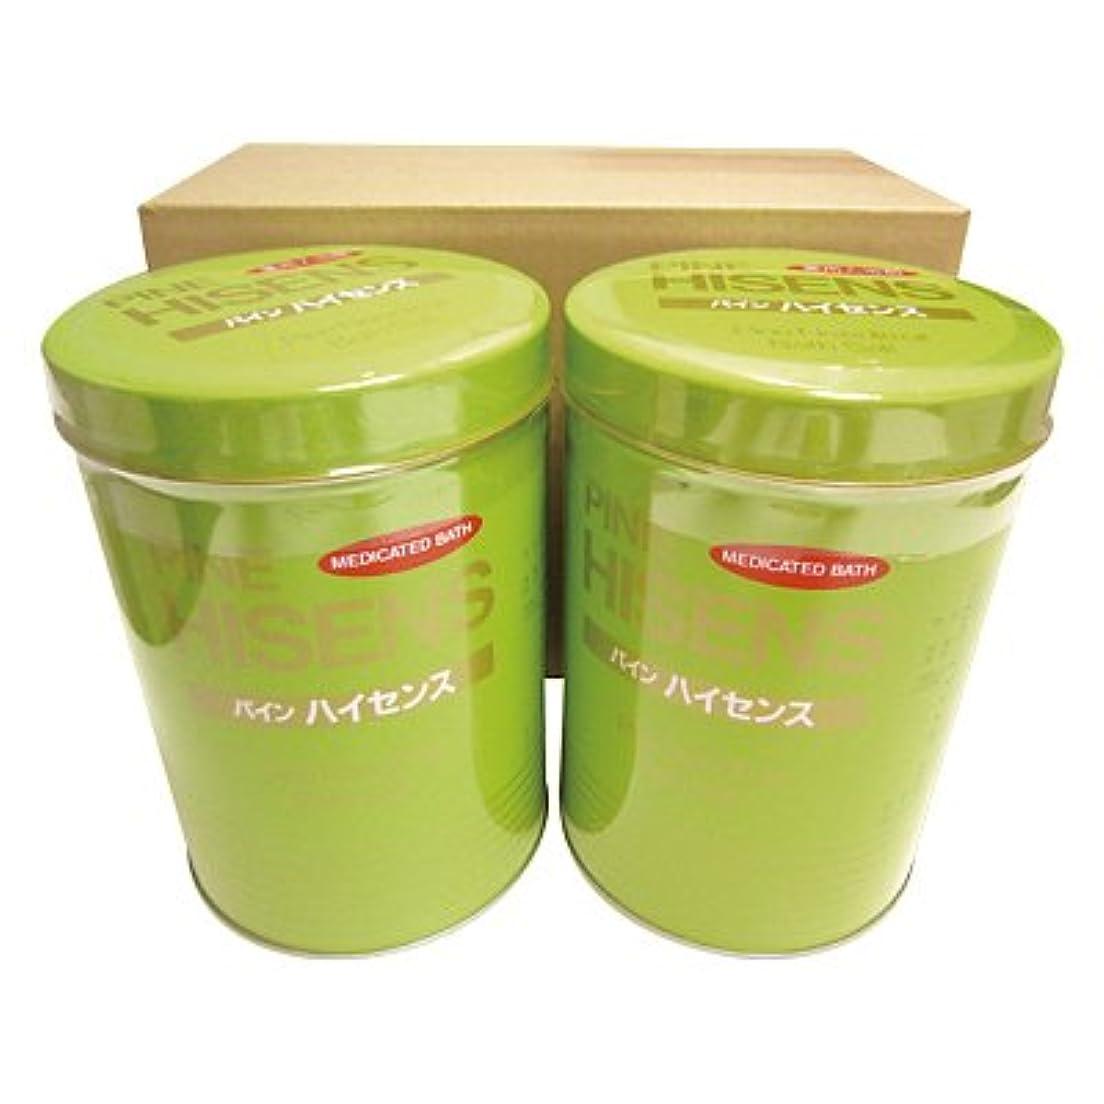 マトロン始める歴史的高陽社 薬用入浴剤 パインハイセンス 2.1kg 2缶セット